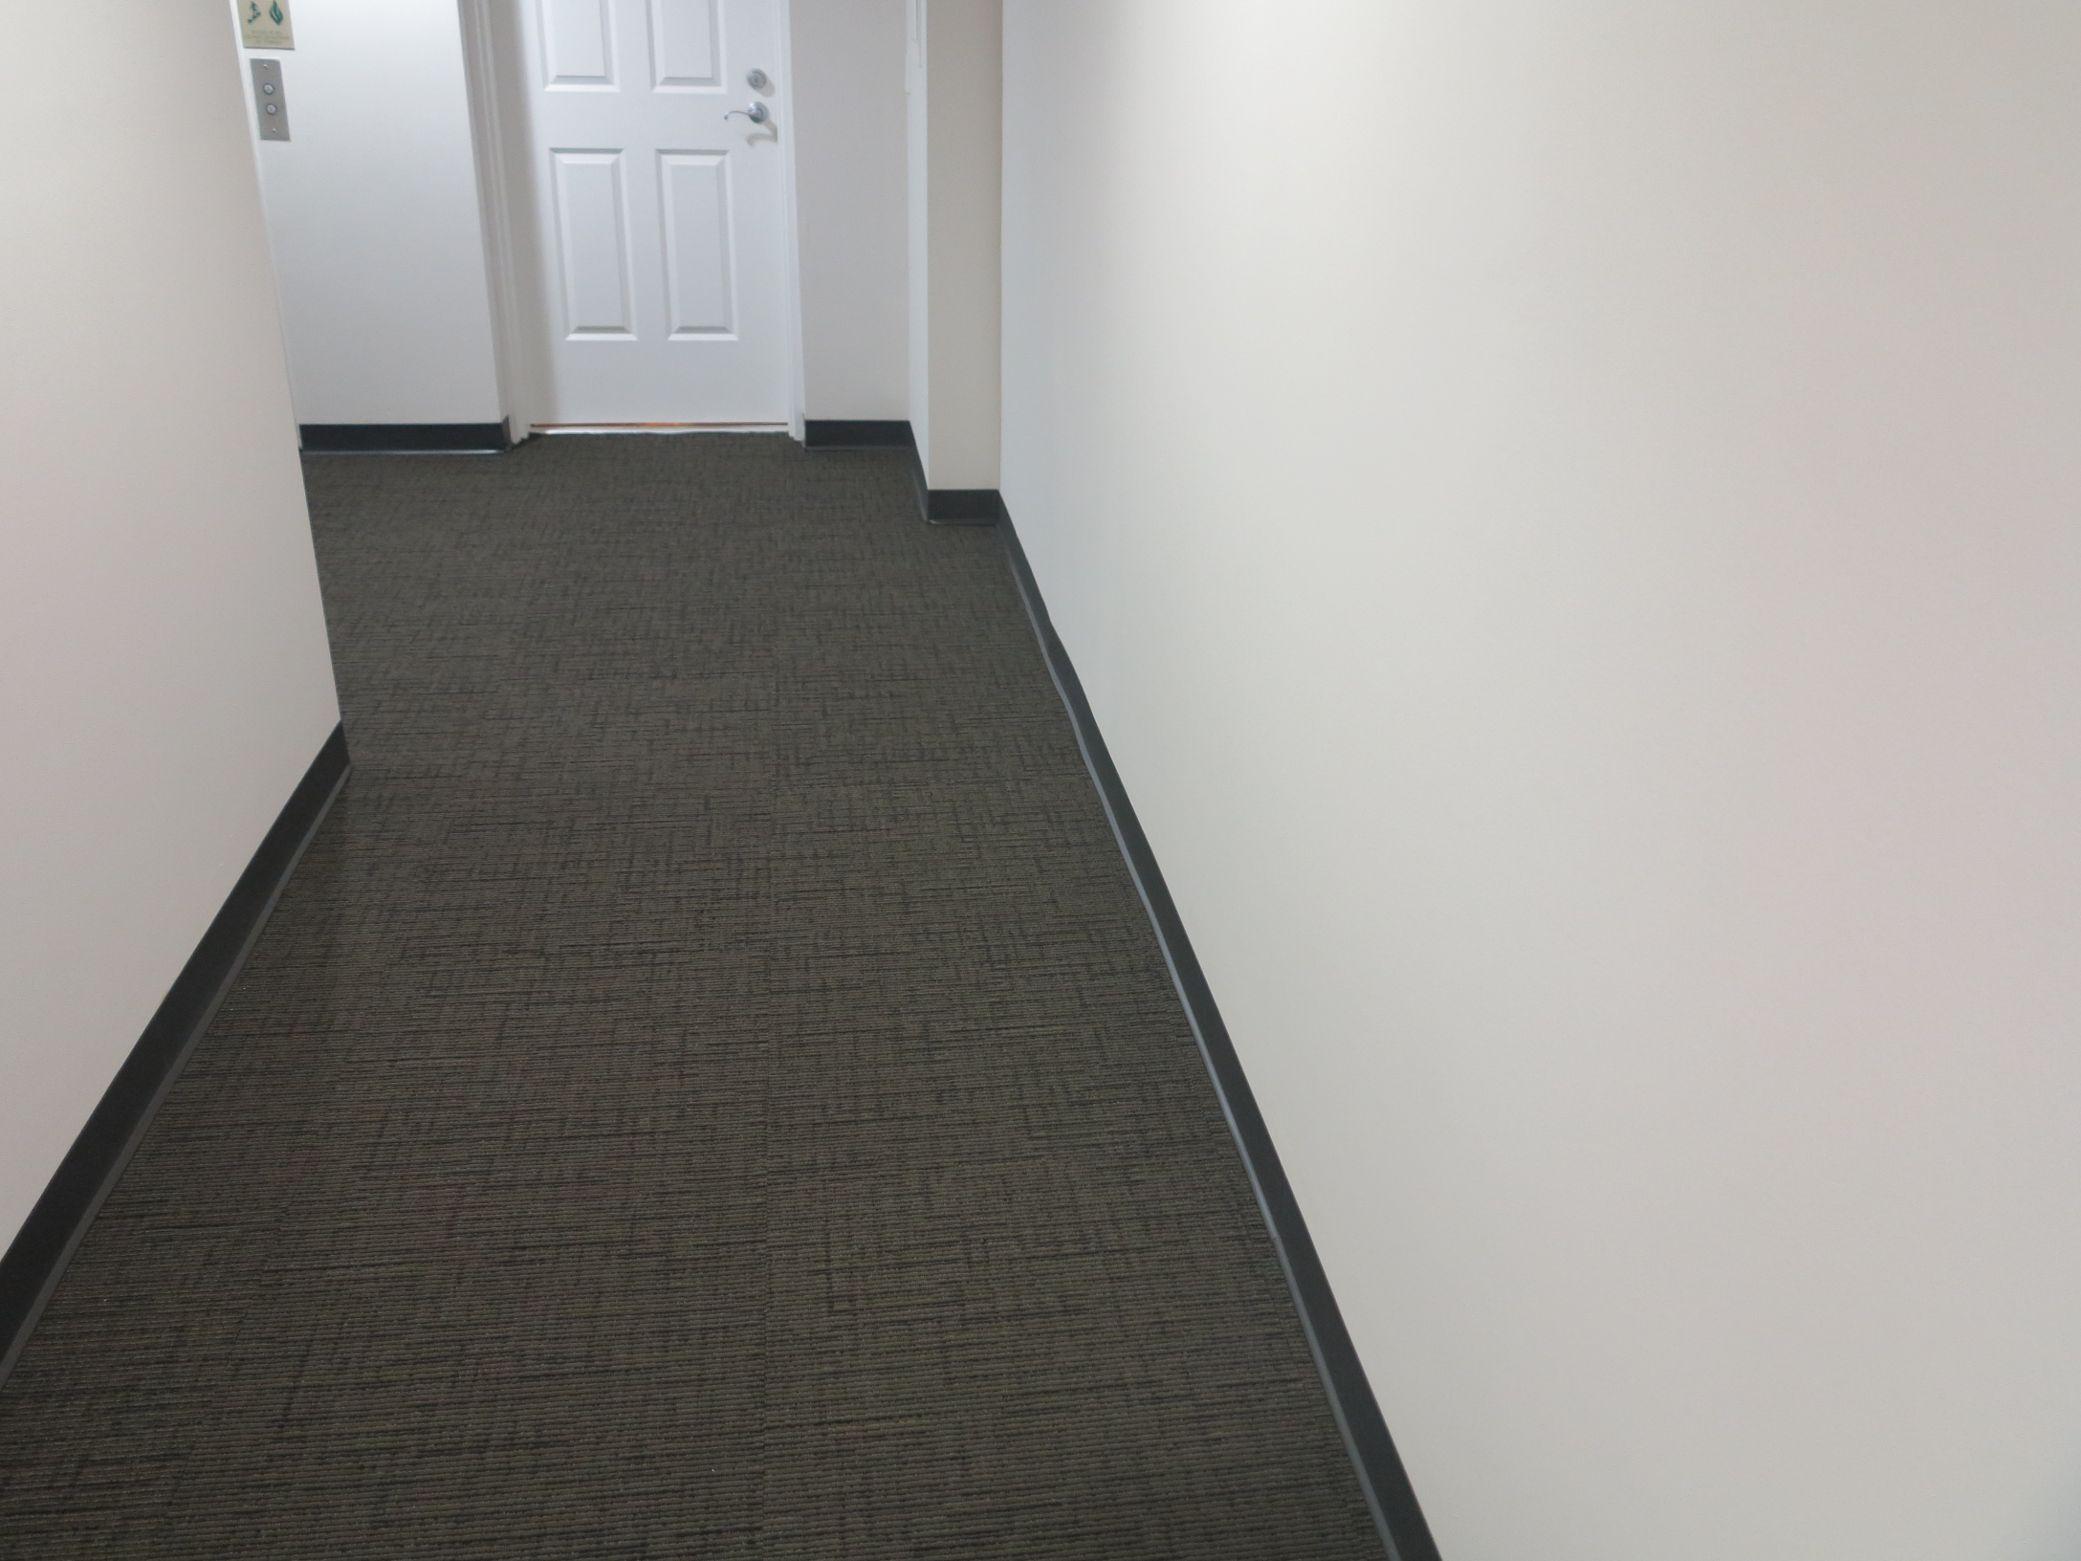 Subtle-Funky-Pattern-Carpet-Tile